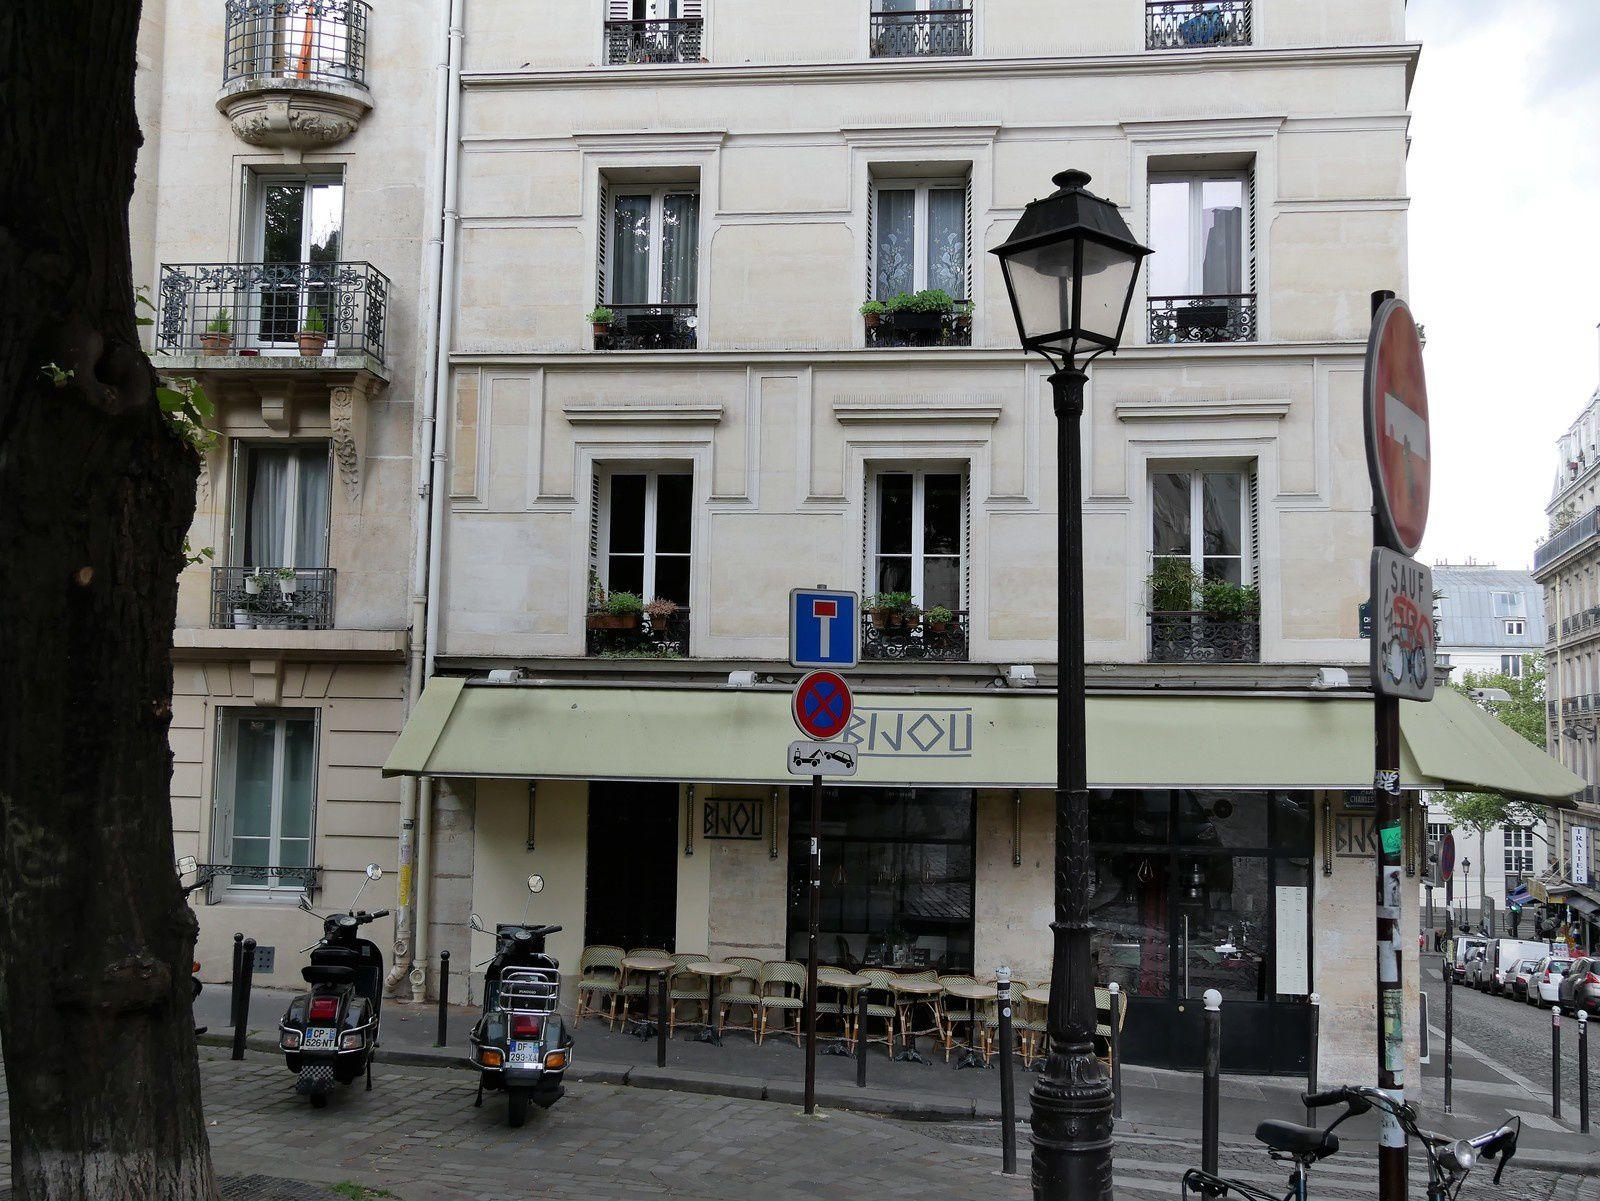 Immeuble à l'angle de la rue Dancourt et de la place Dullin;